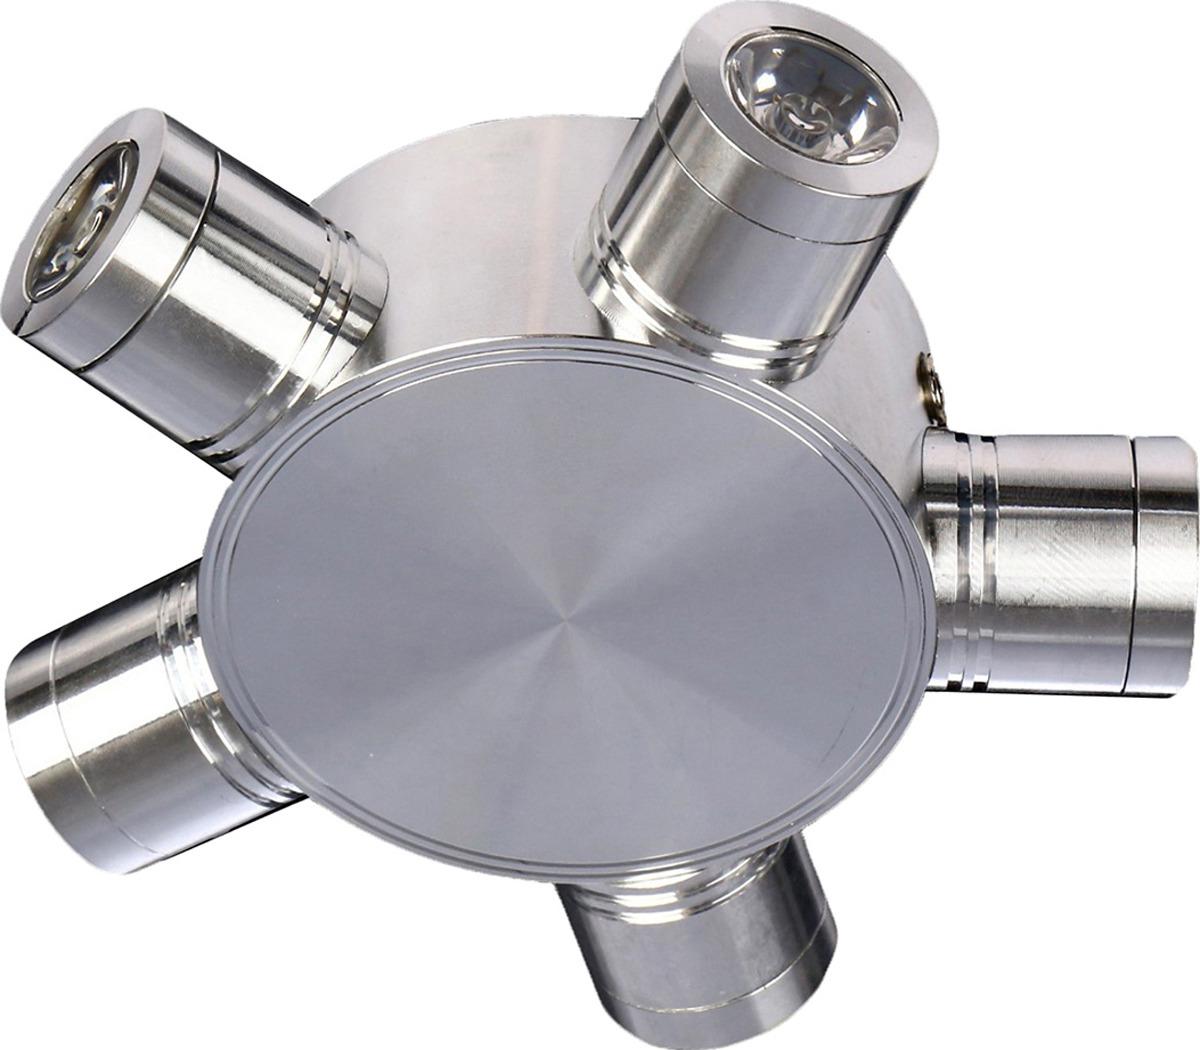 Настенно-потолочный светильник BayerLux Аристон, LED, 1 Вт